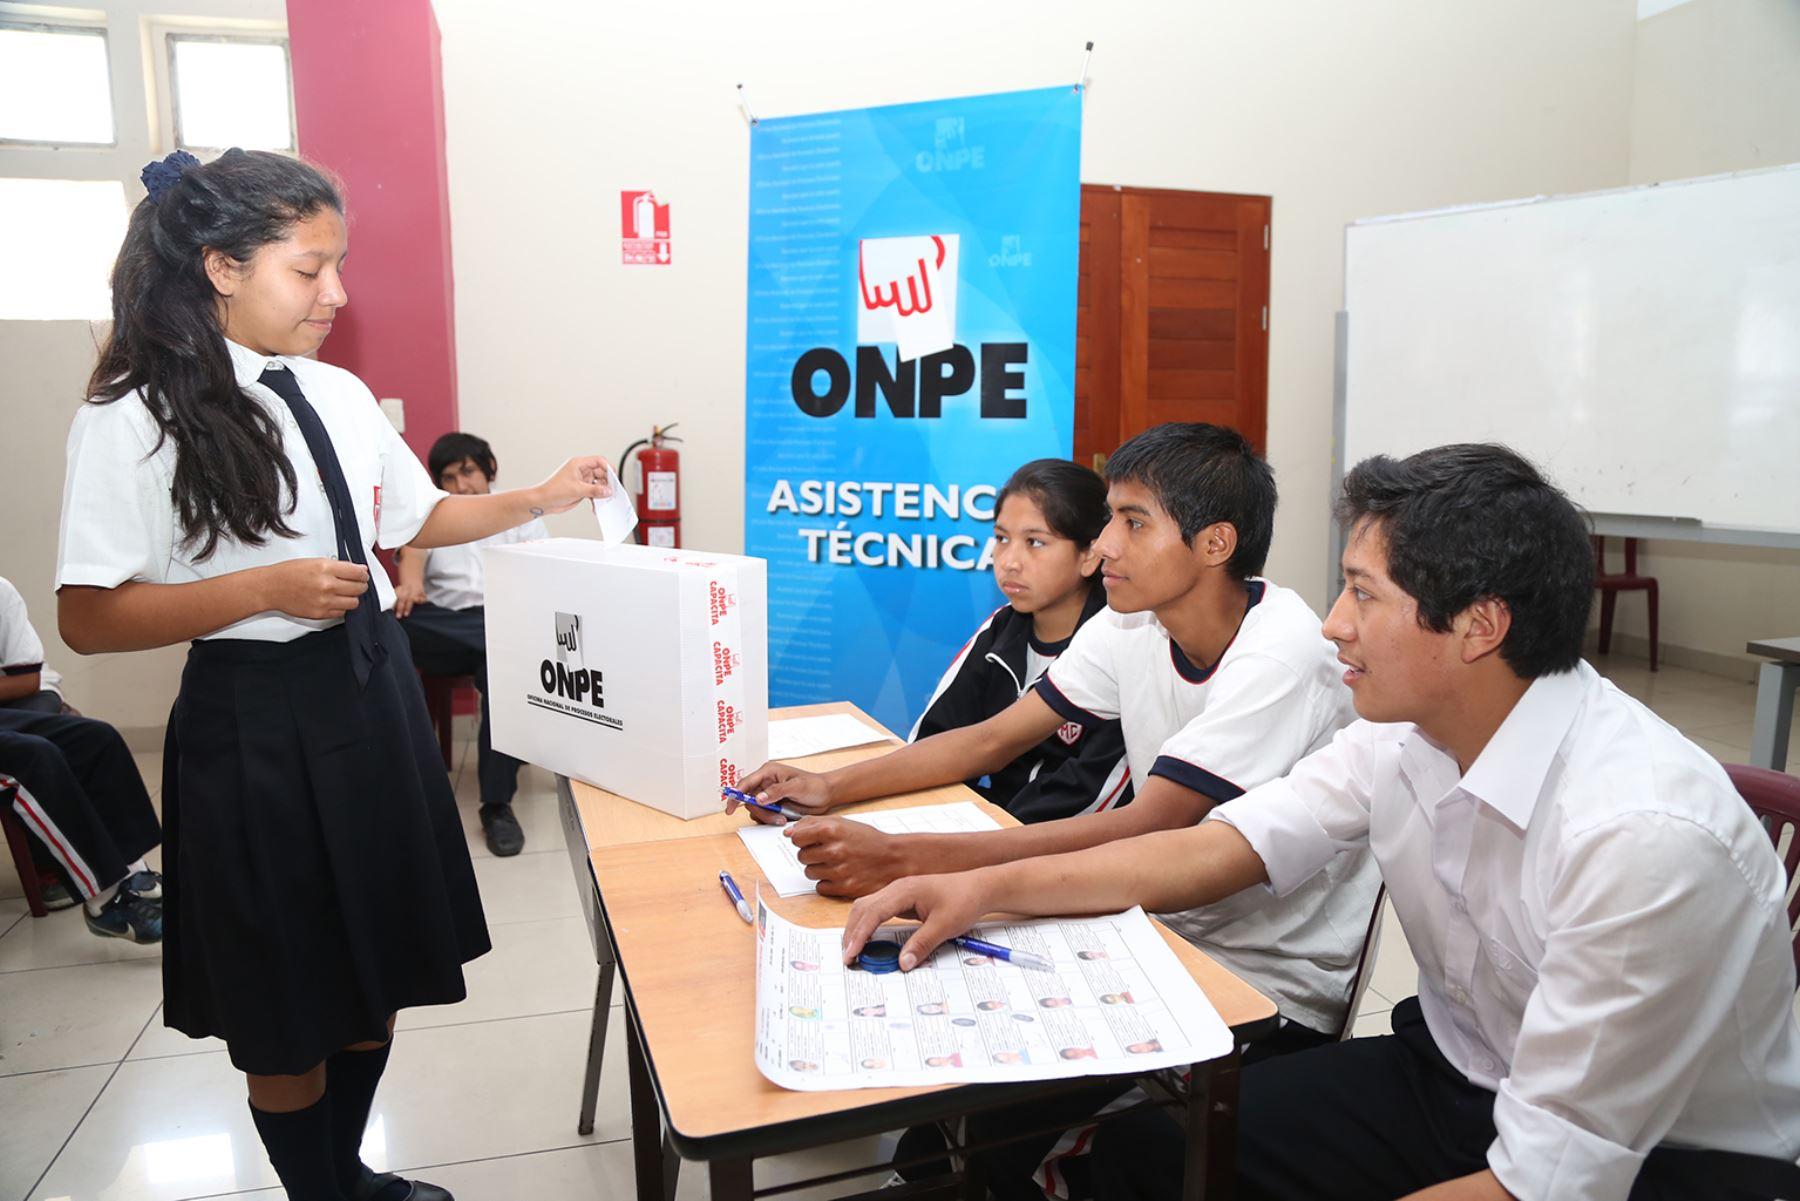 Onpe Dará Asistencia Técnica A Elecciones De Municipios Escolares